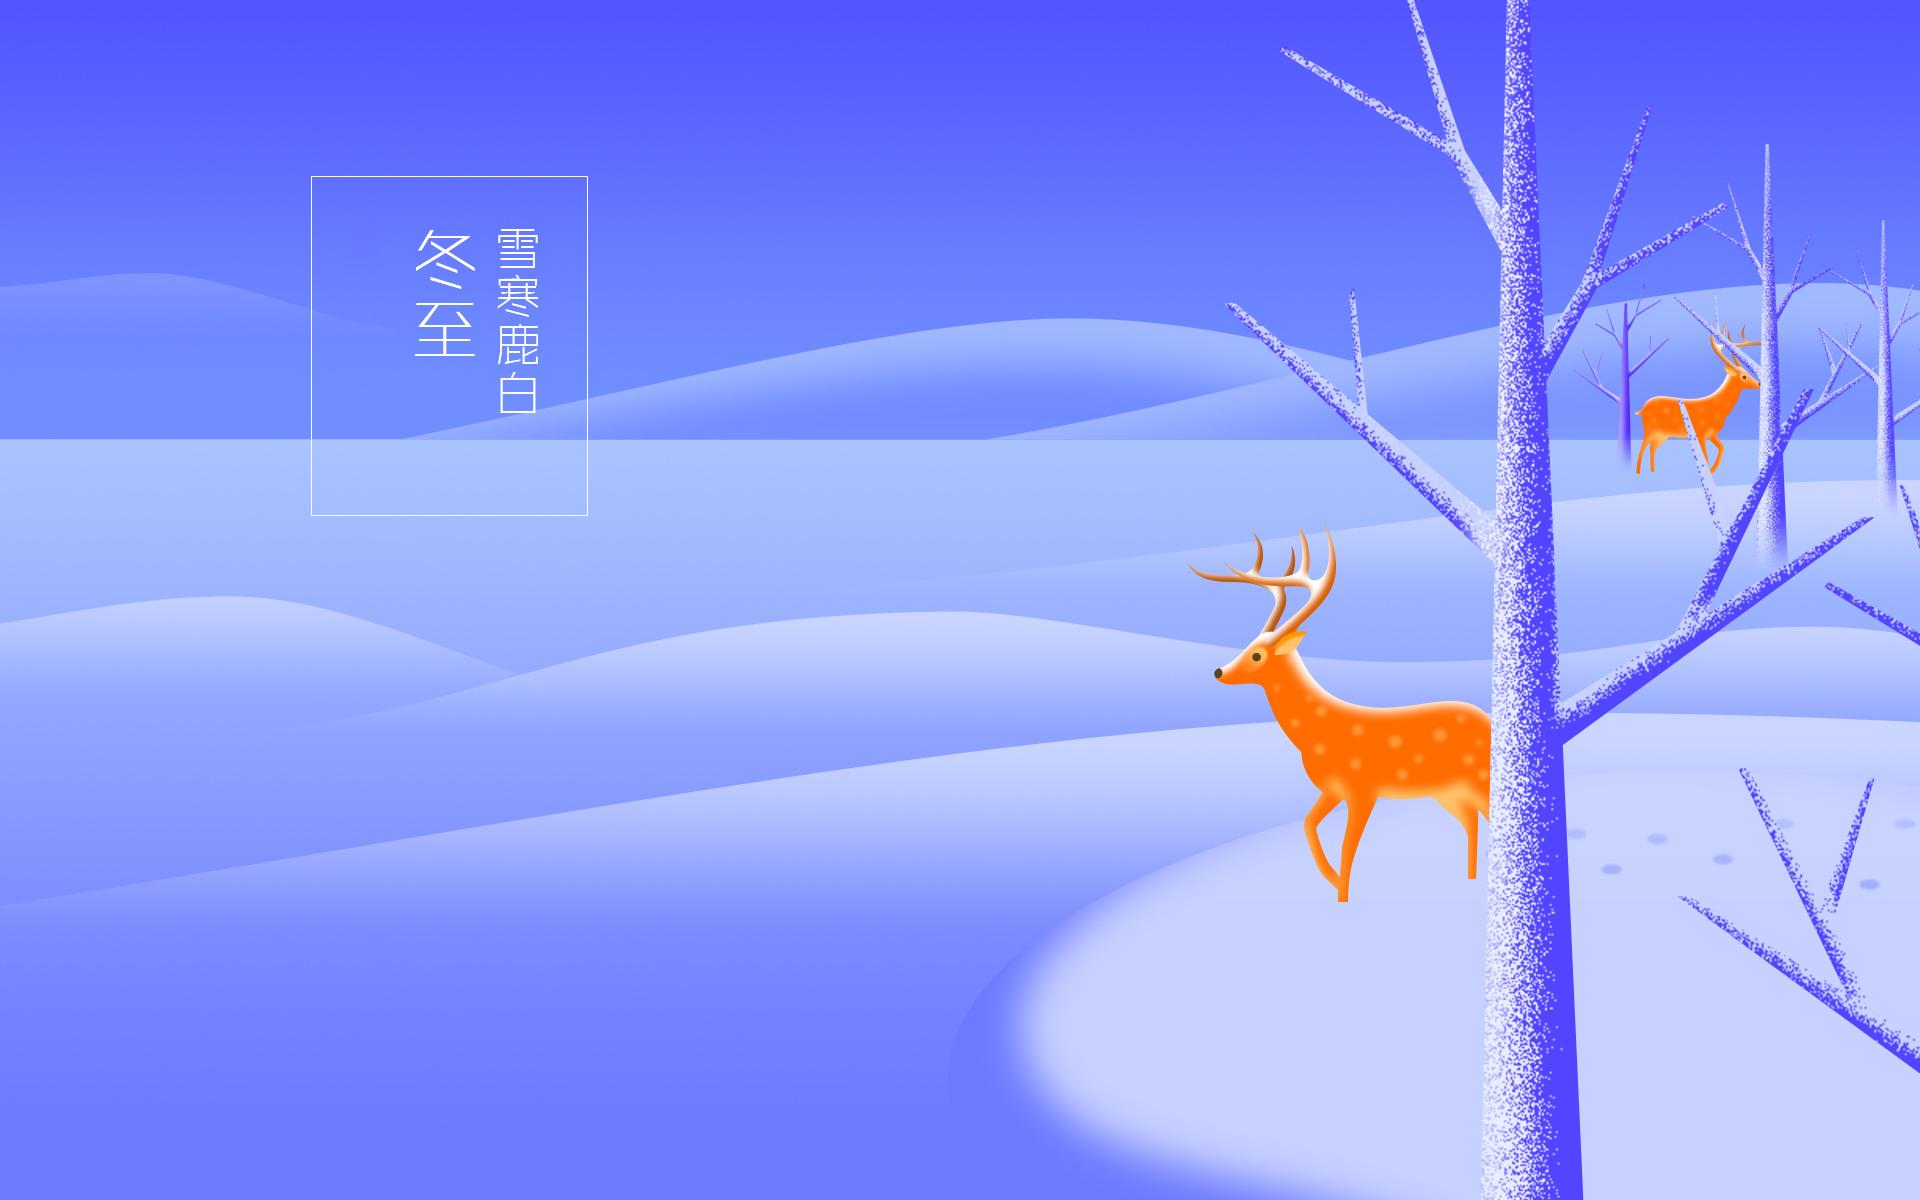 二十四节气唯美高清冬至ppt背景图片下载图片